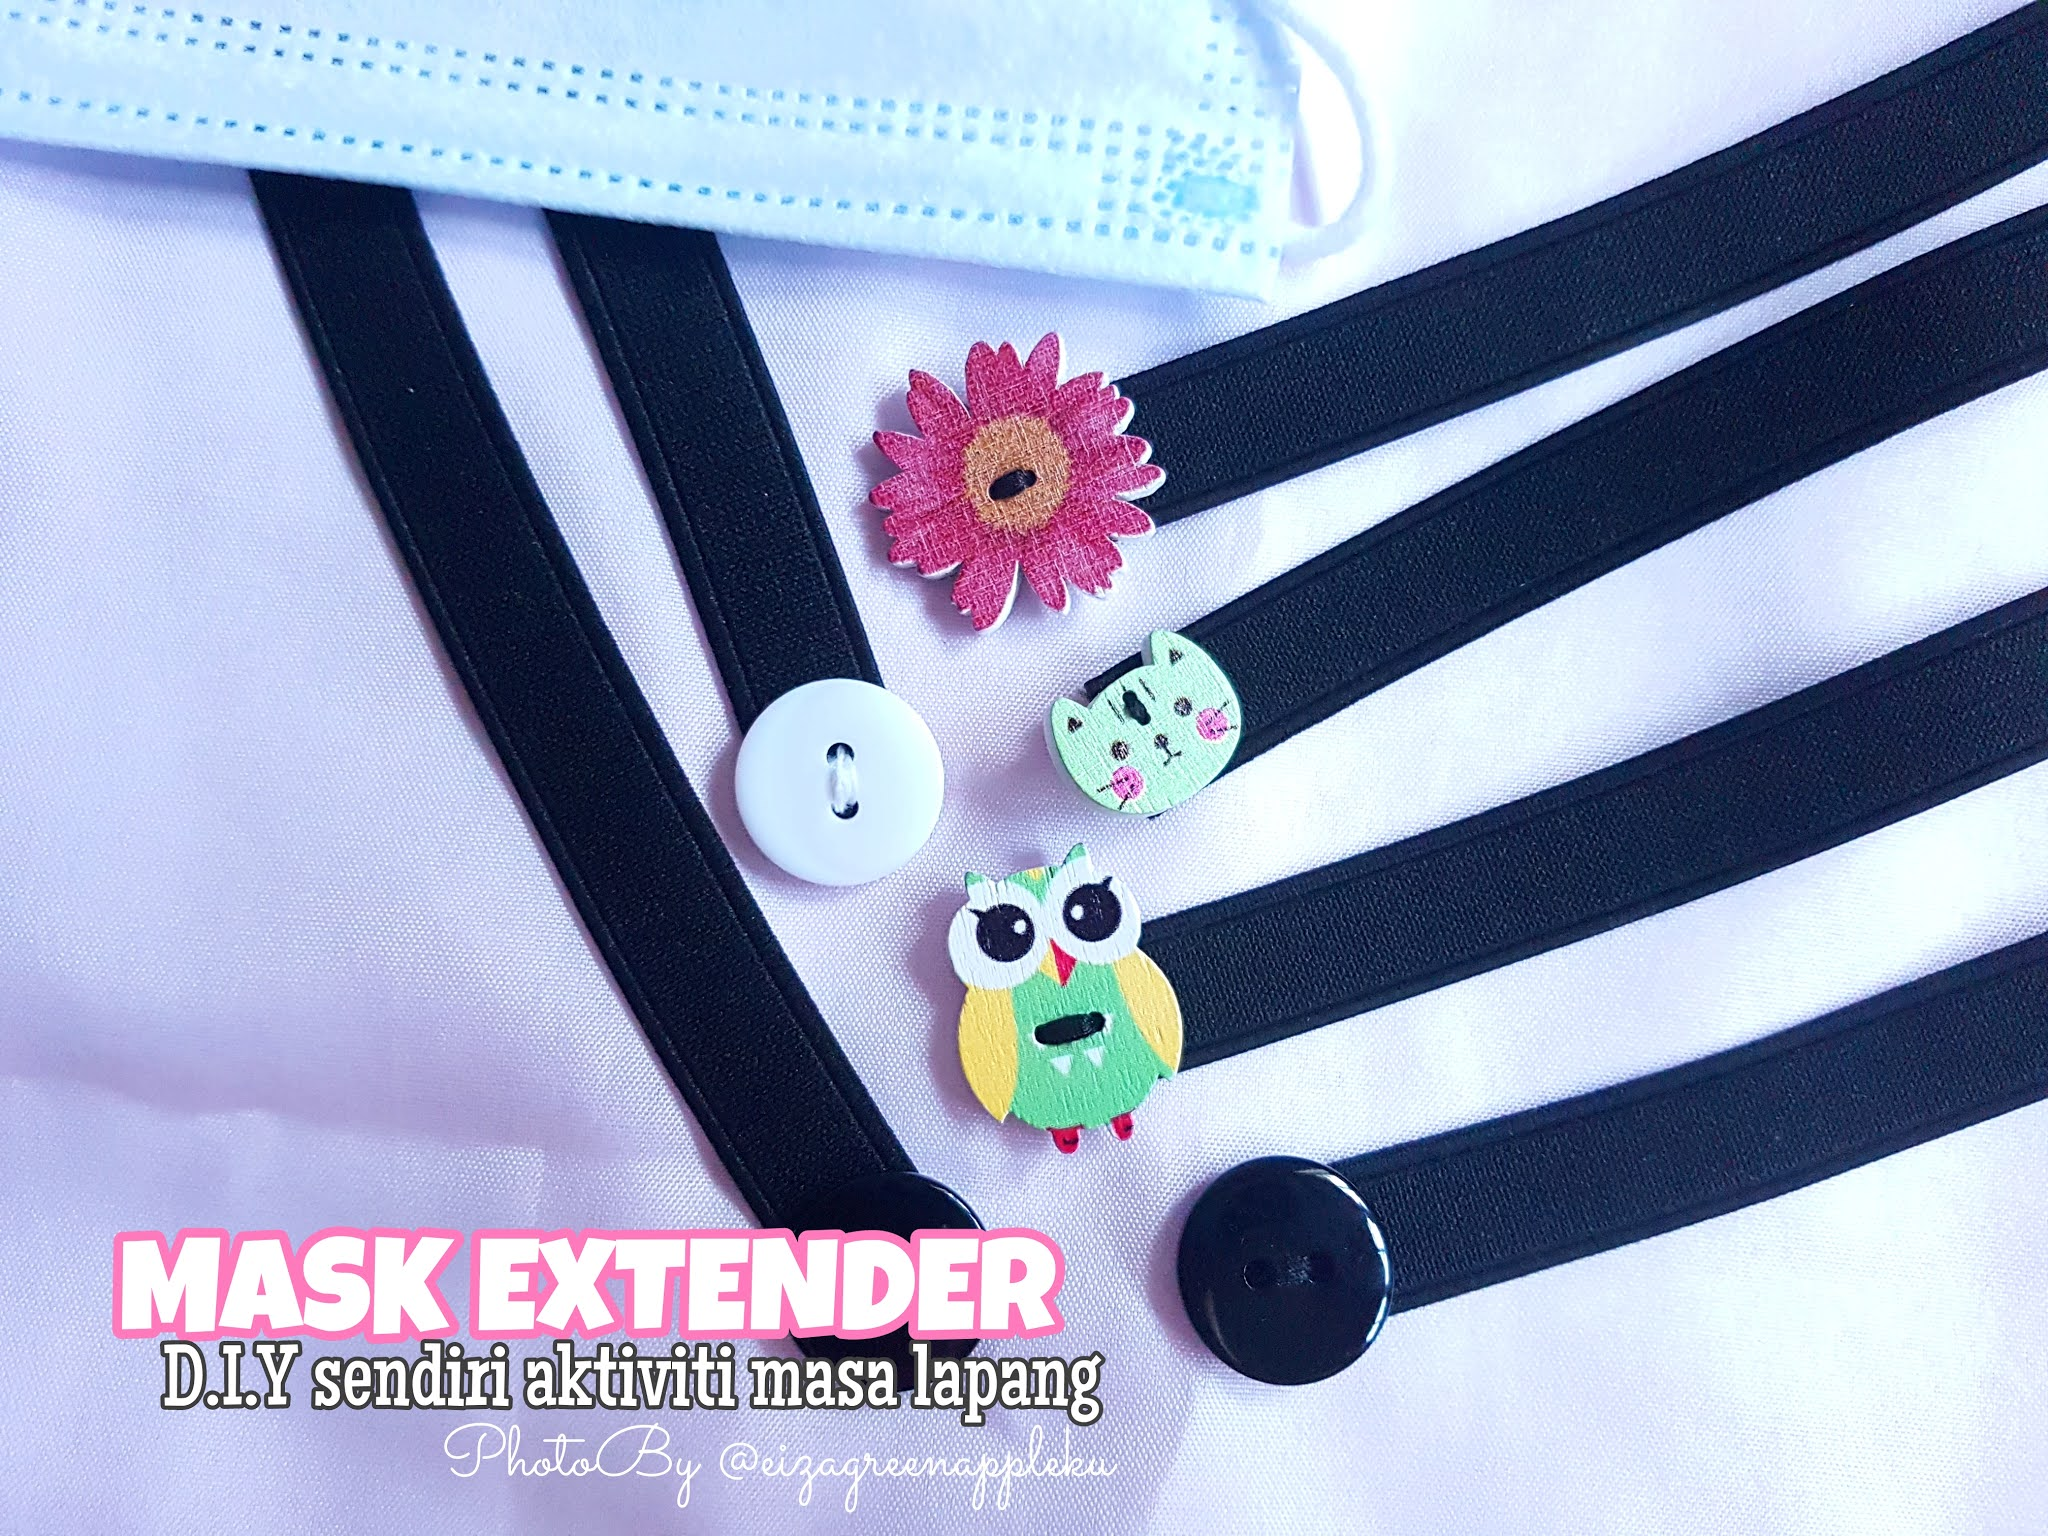 D.I.Y Mask Extender